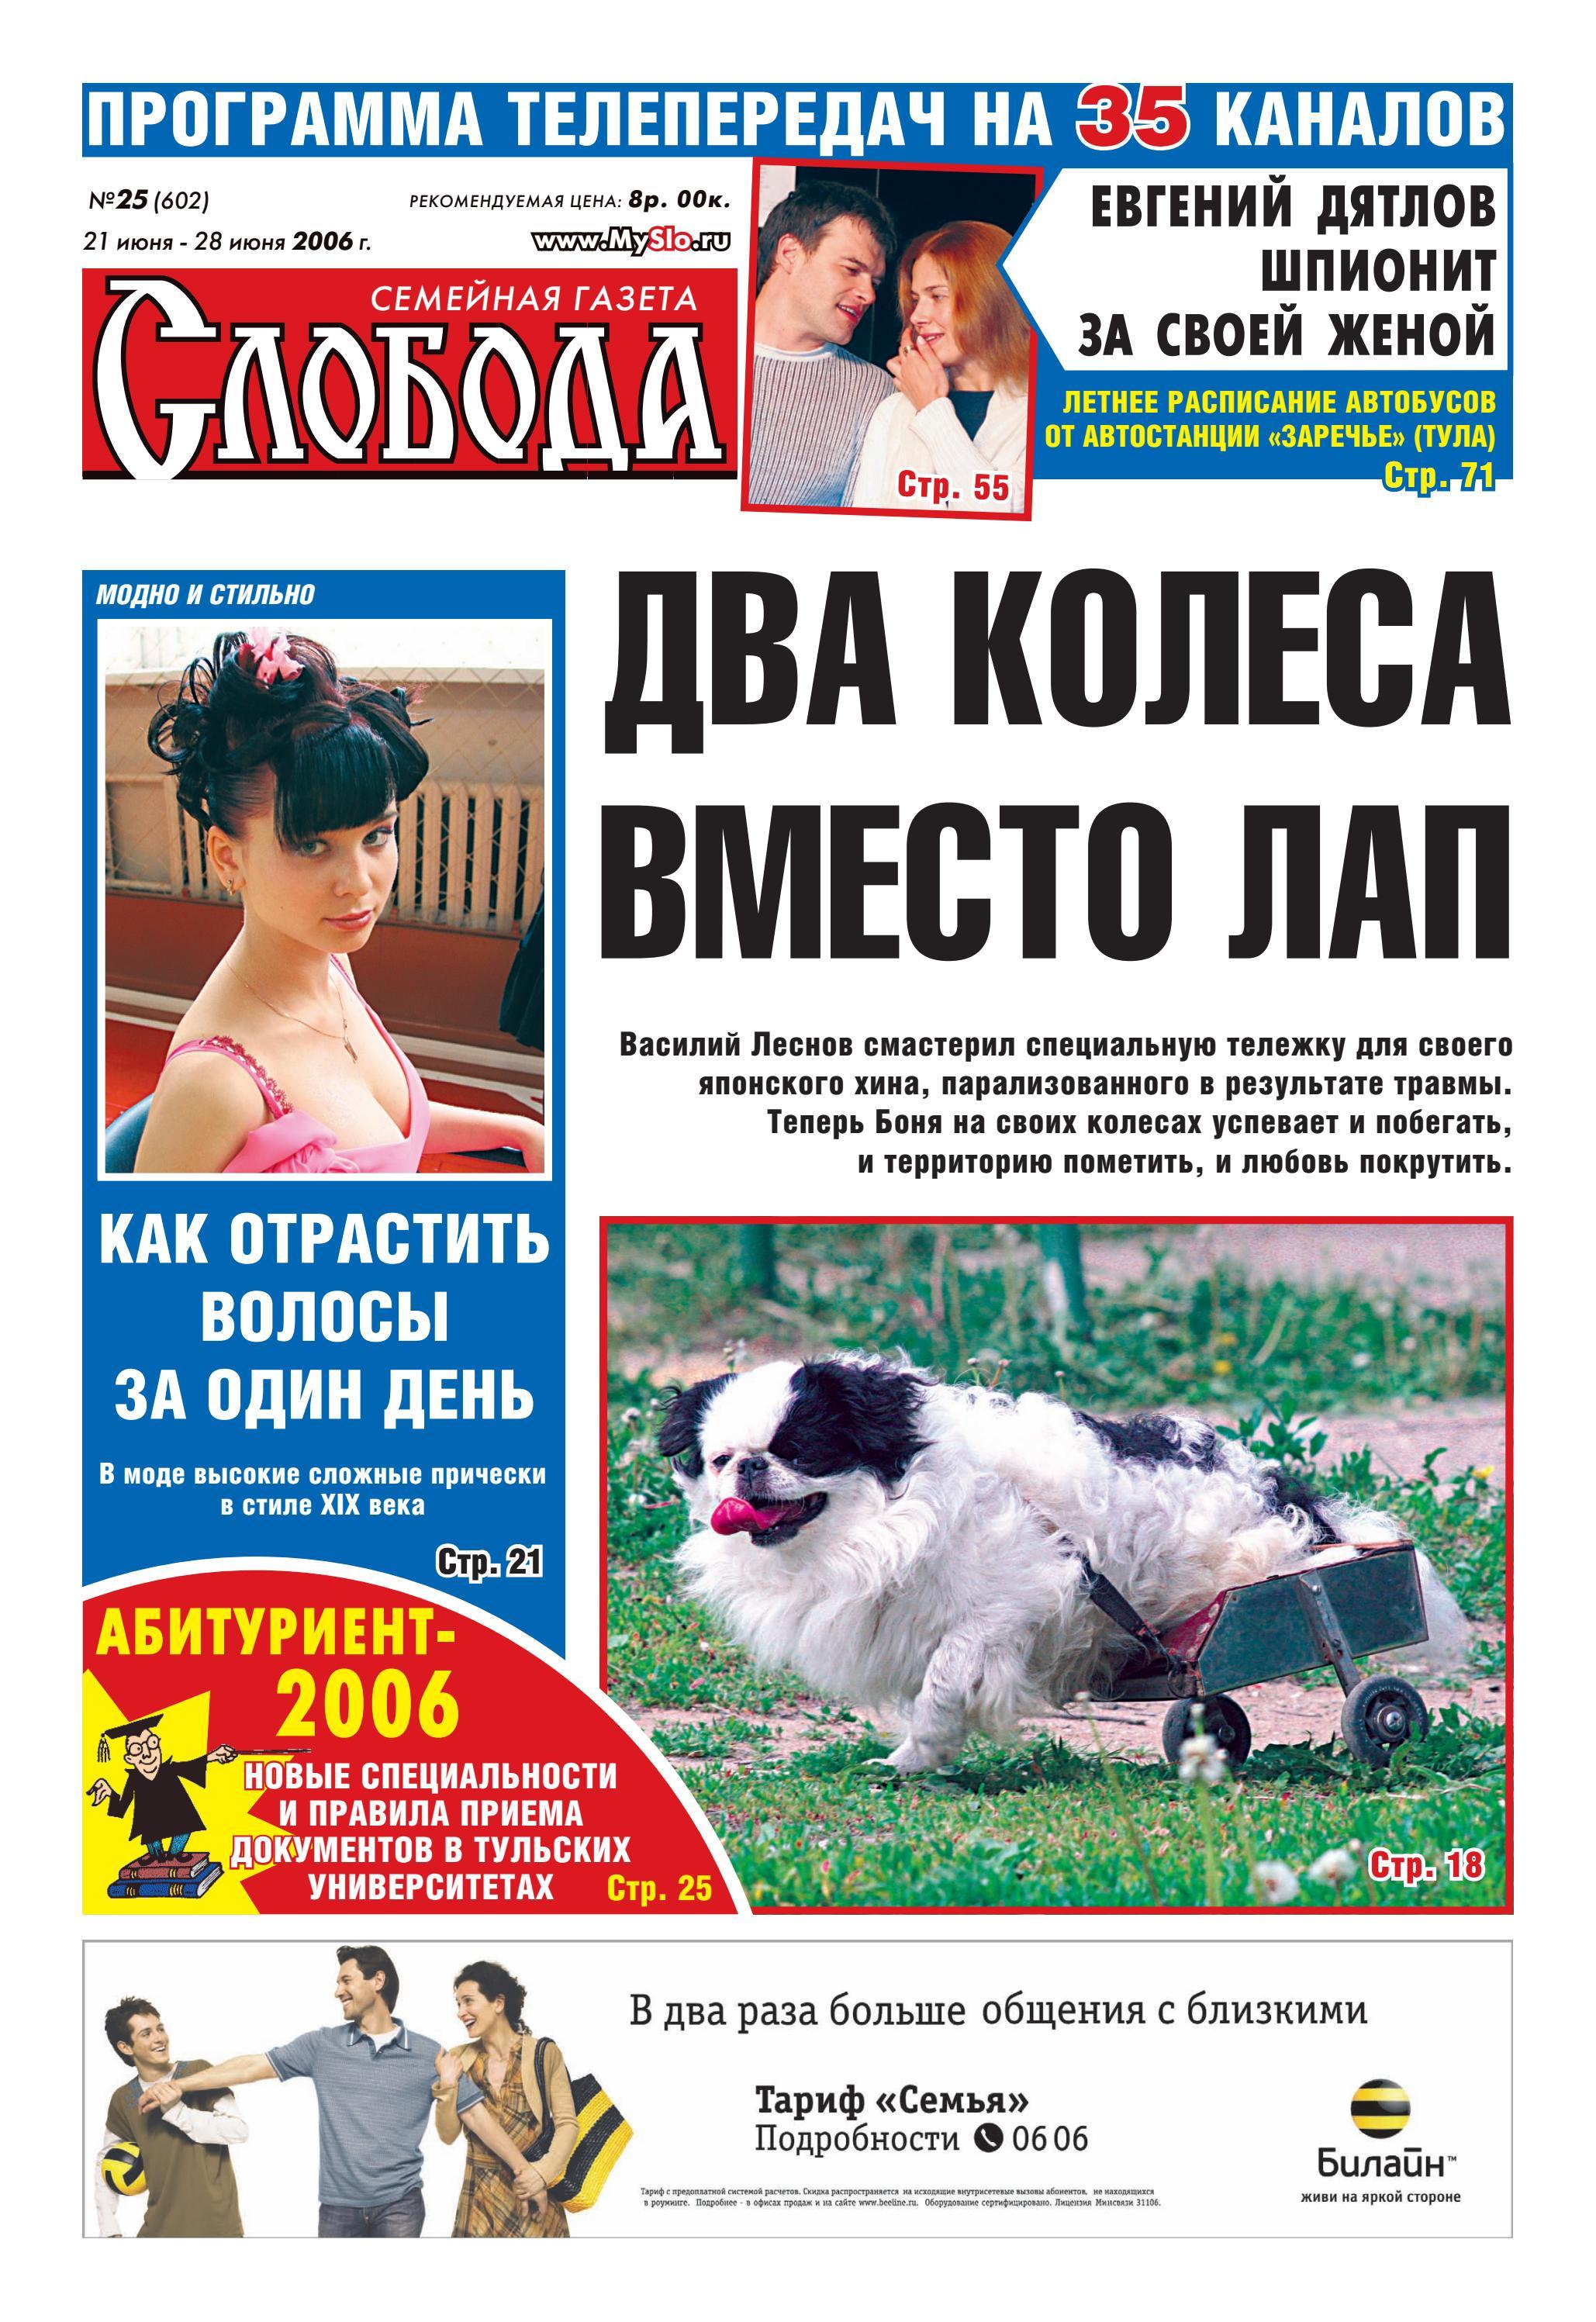 Слобода №25 (602)  ДВА КОЛЕСА ВМЕСТО ЛАП by Газета